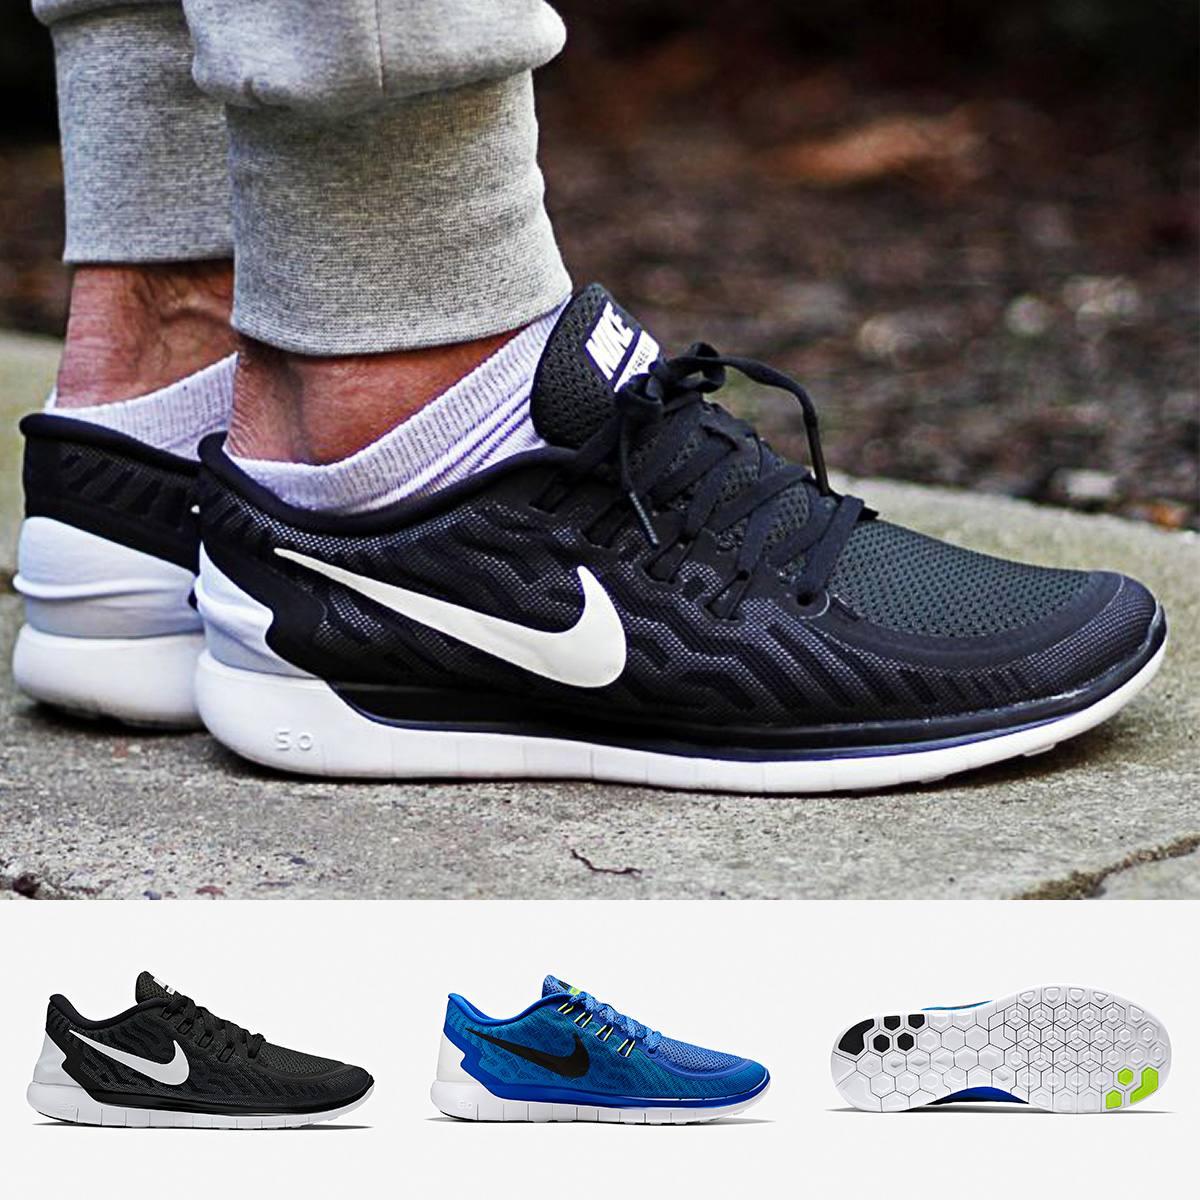 zapatillas nike niños mercadolibre brd77db00